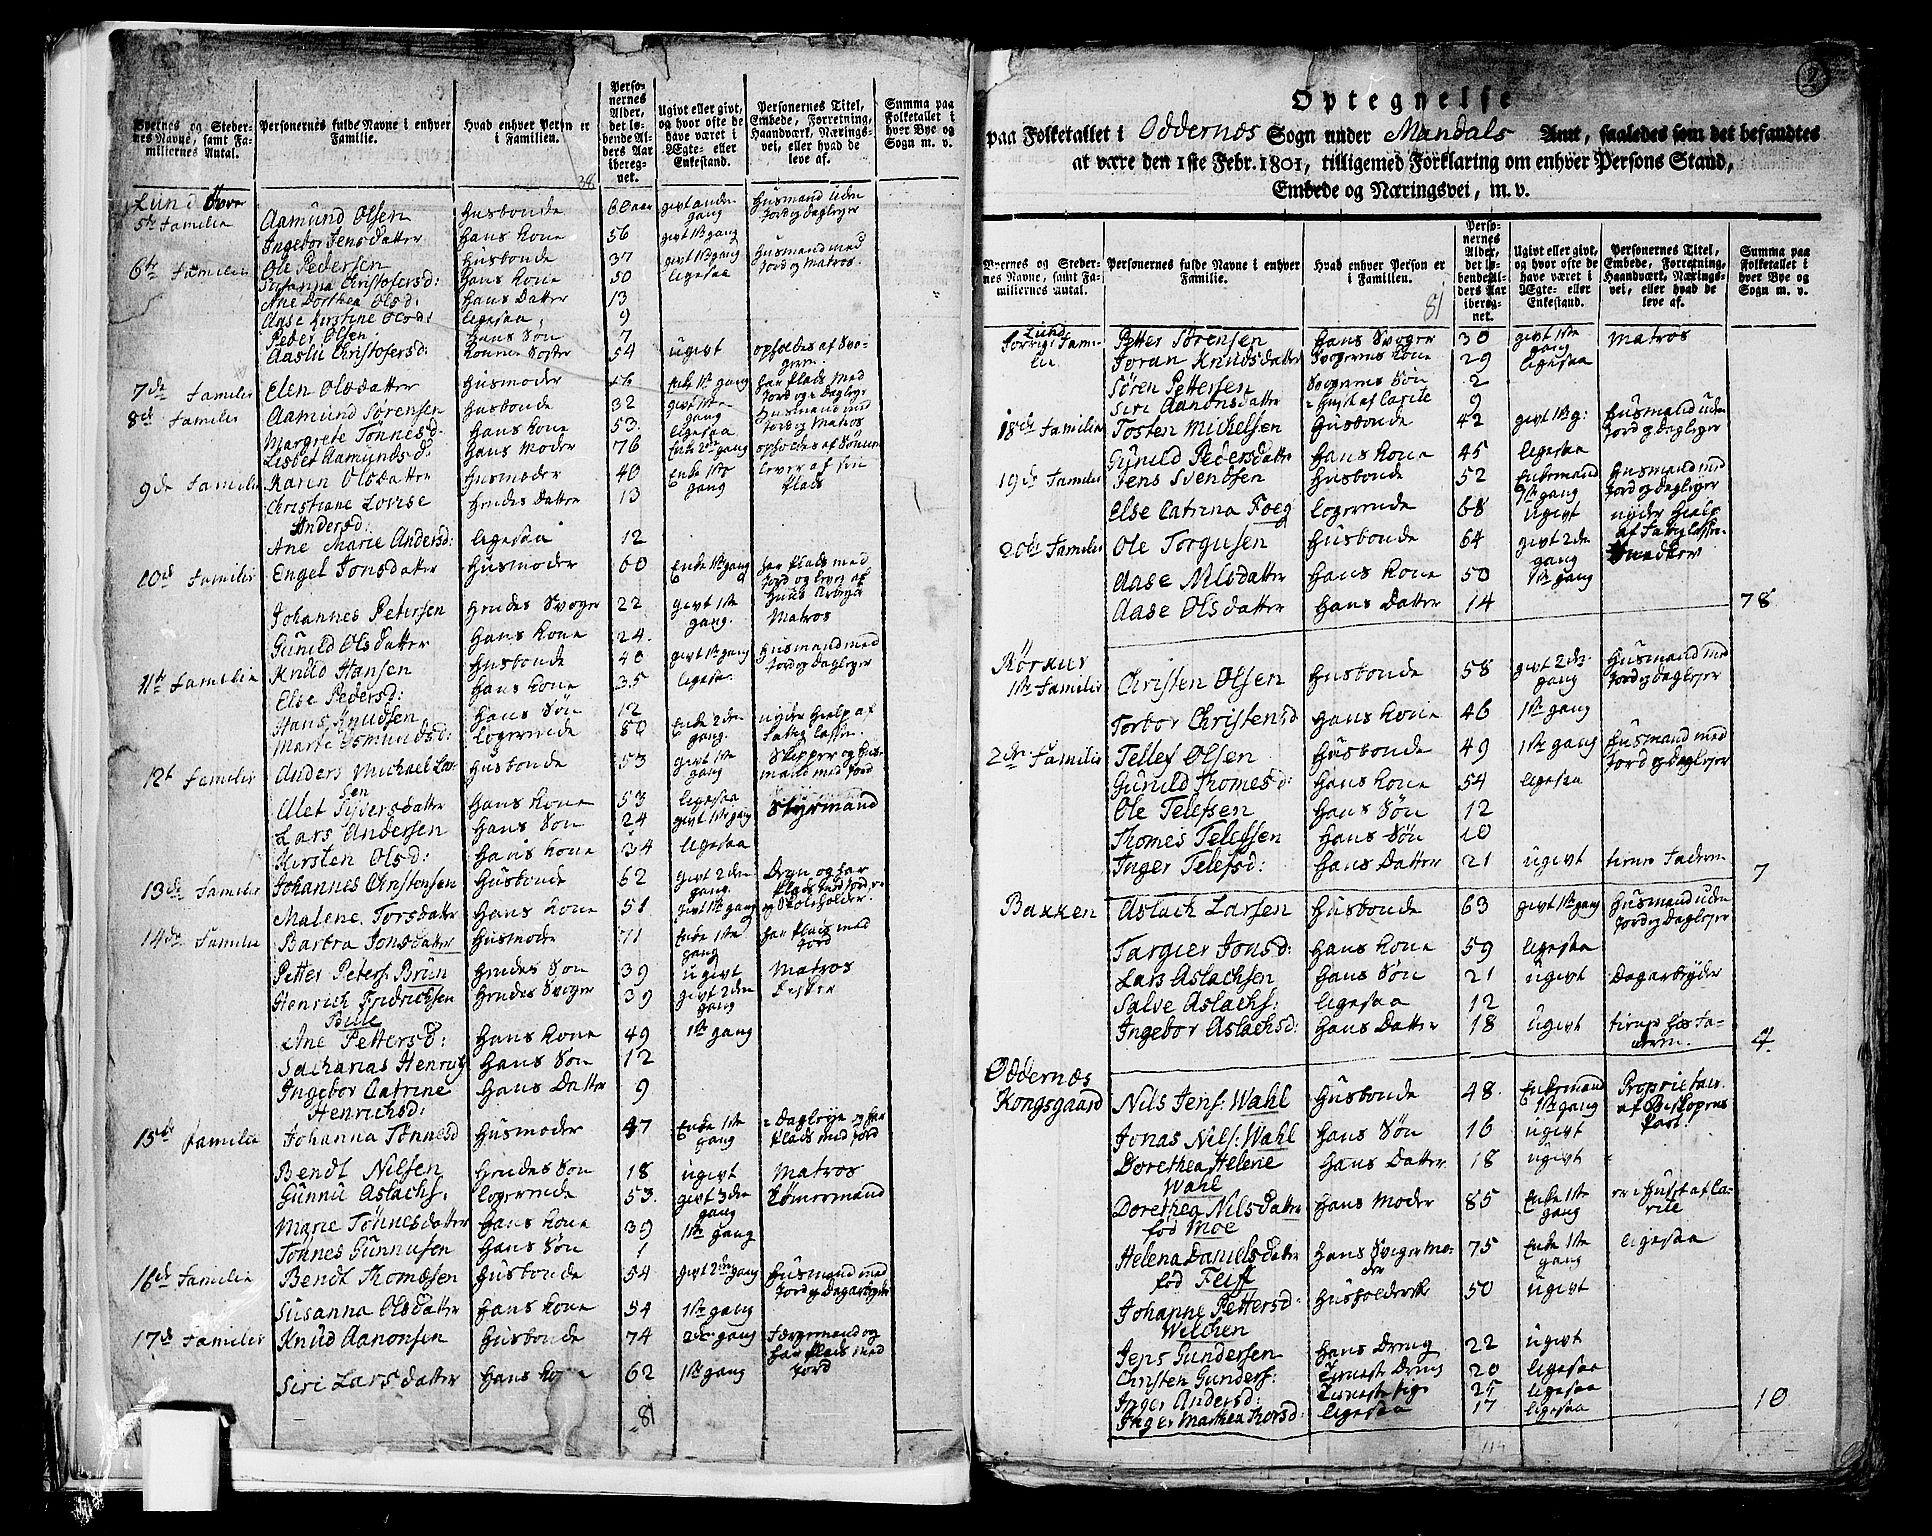 RA, Folketelling 1801 for 1012P Oddernes prestegjeld, 1801, s. 1b-2a